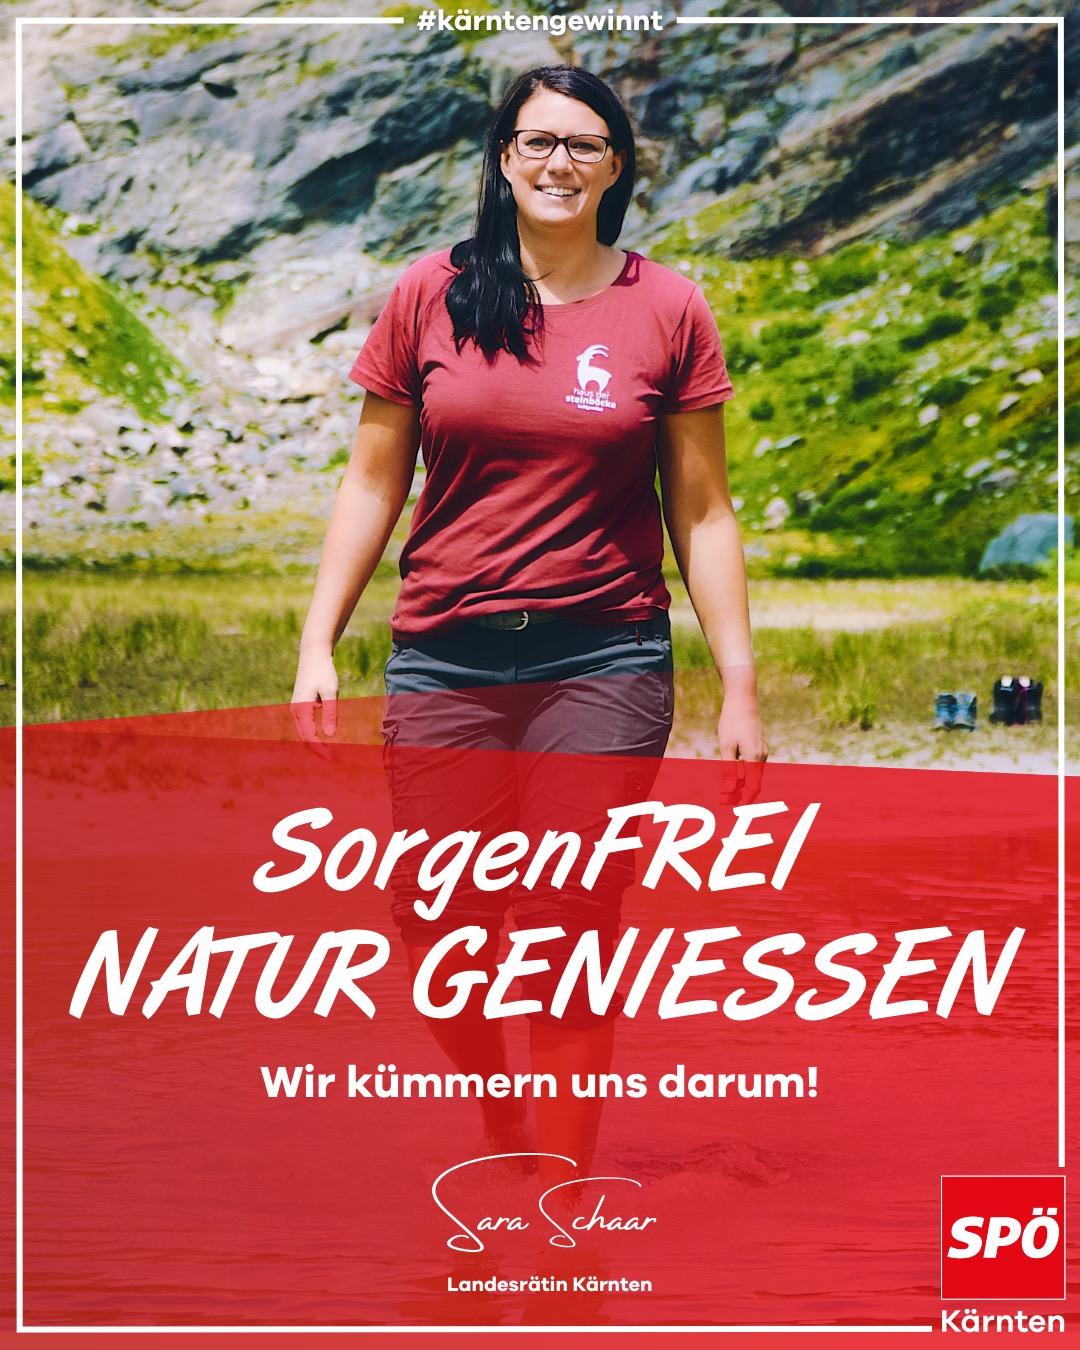 Sorgenfrei Natur geniessen - Sara Schaar